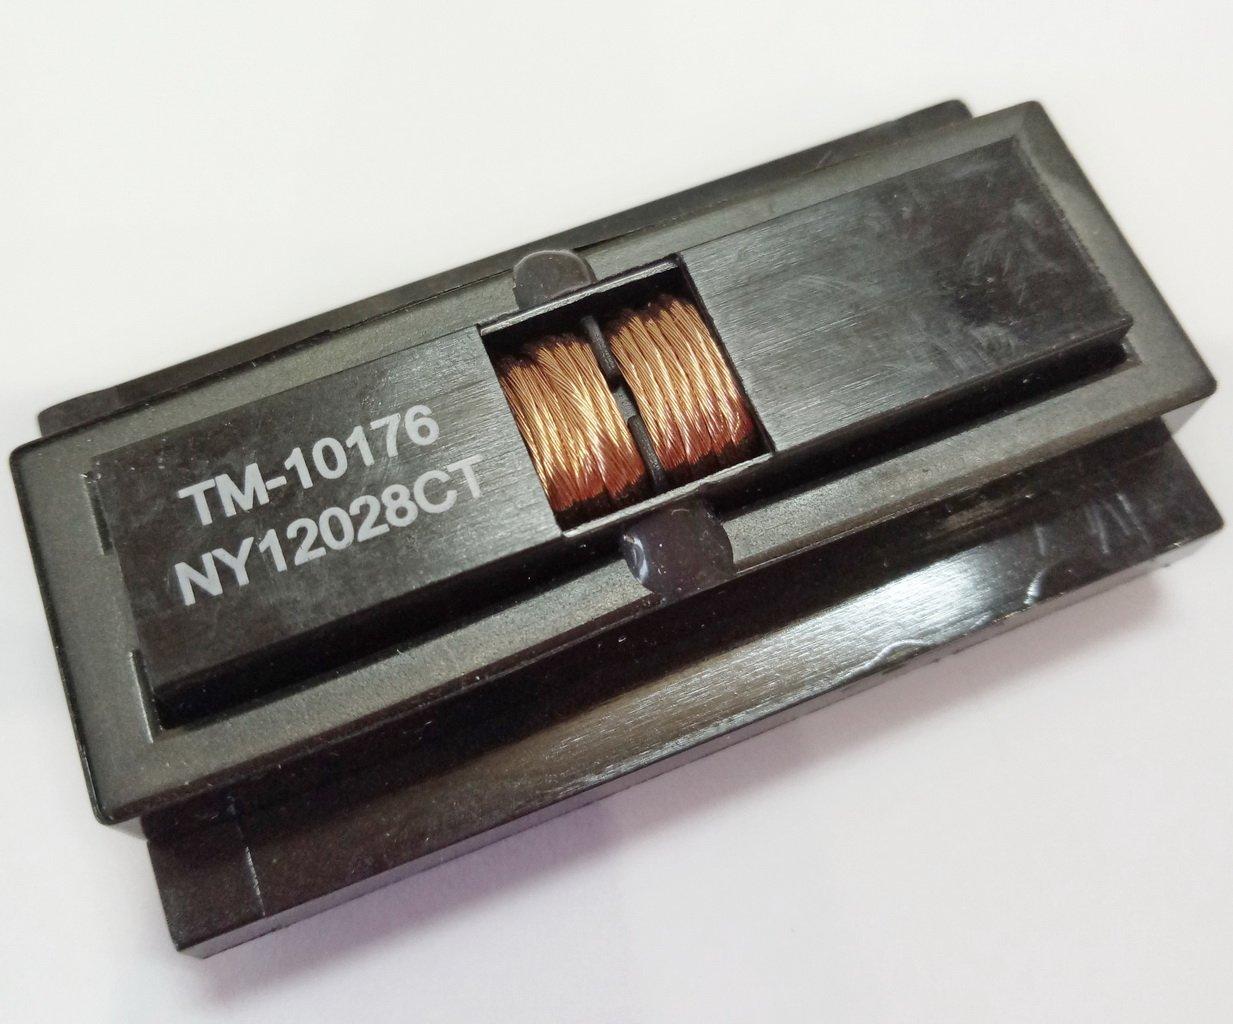 Трансформатор инвертора TM-10176 - NdFT Комплектующие для телевизоров и мониторов, светодиоды подсветки, CCFL подсветка, LED